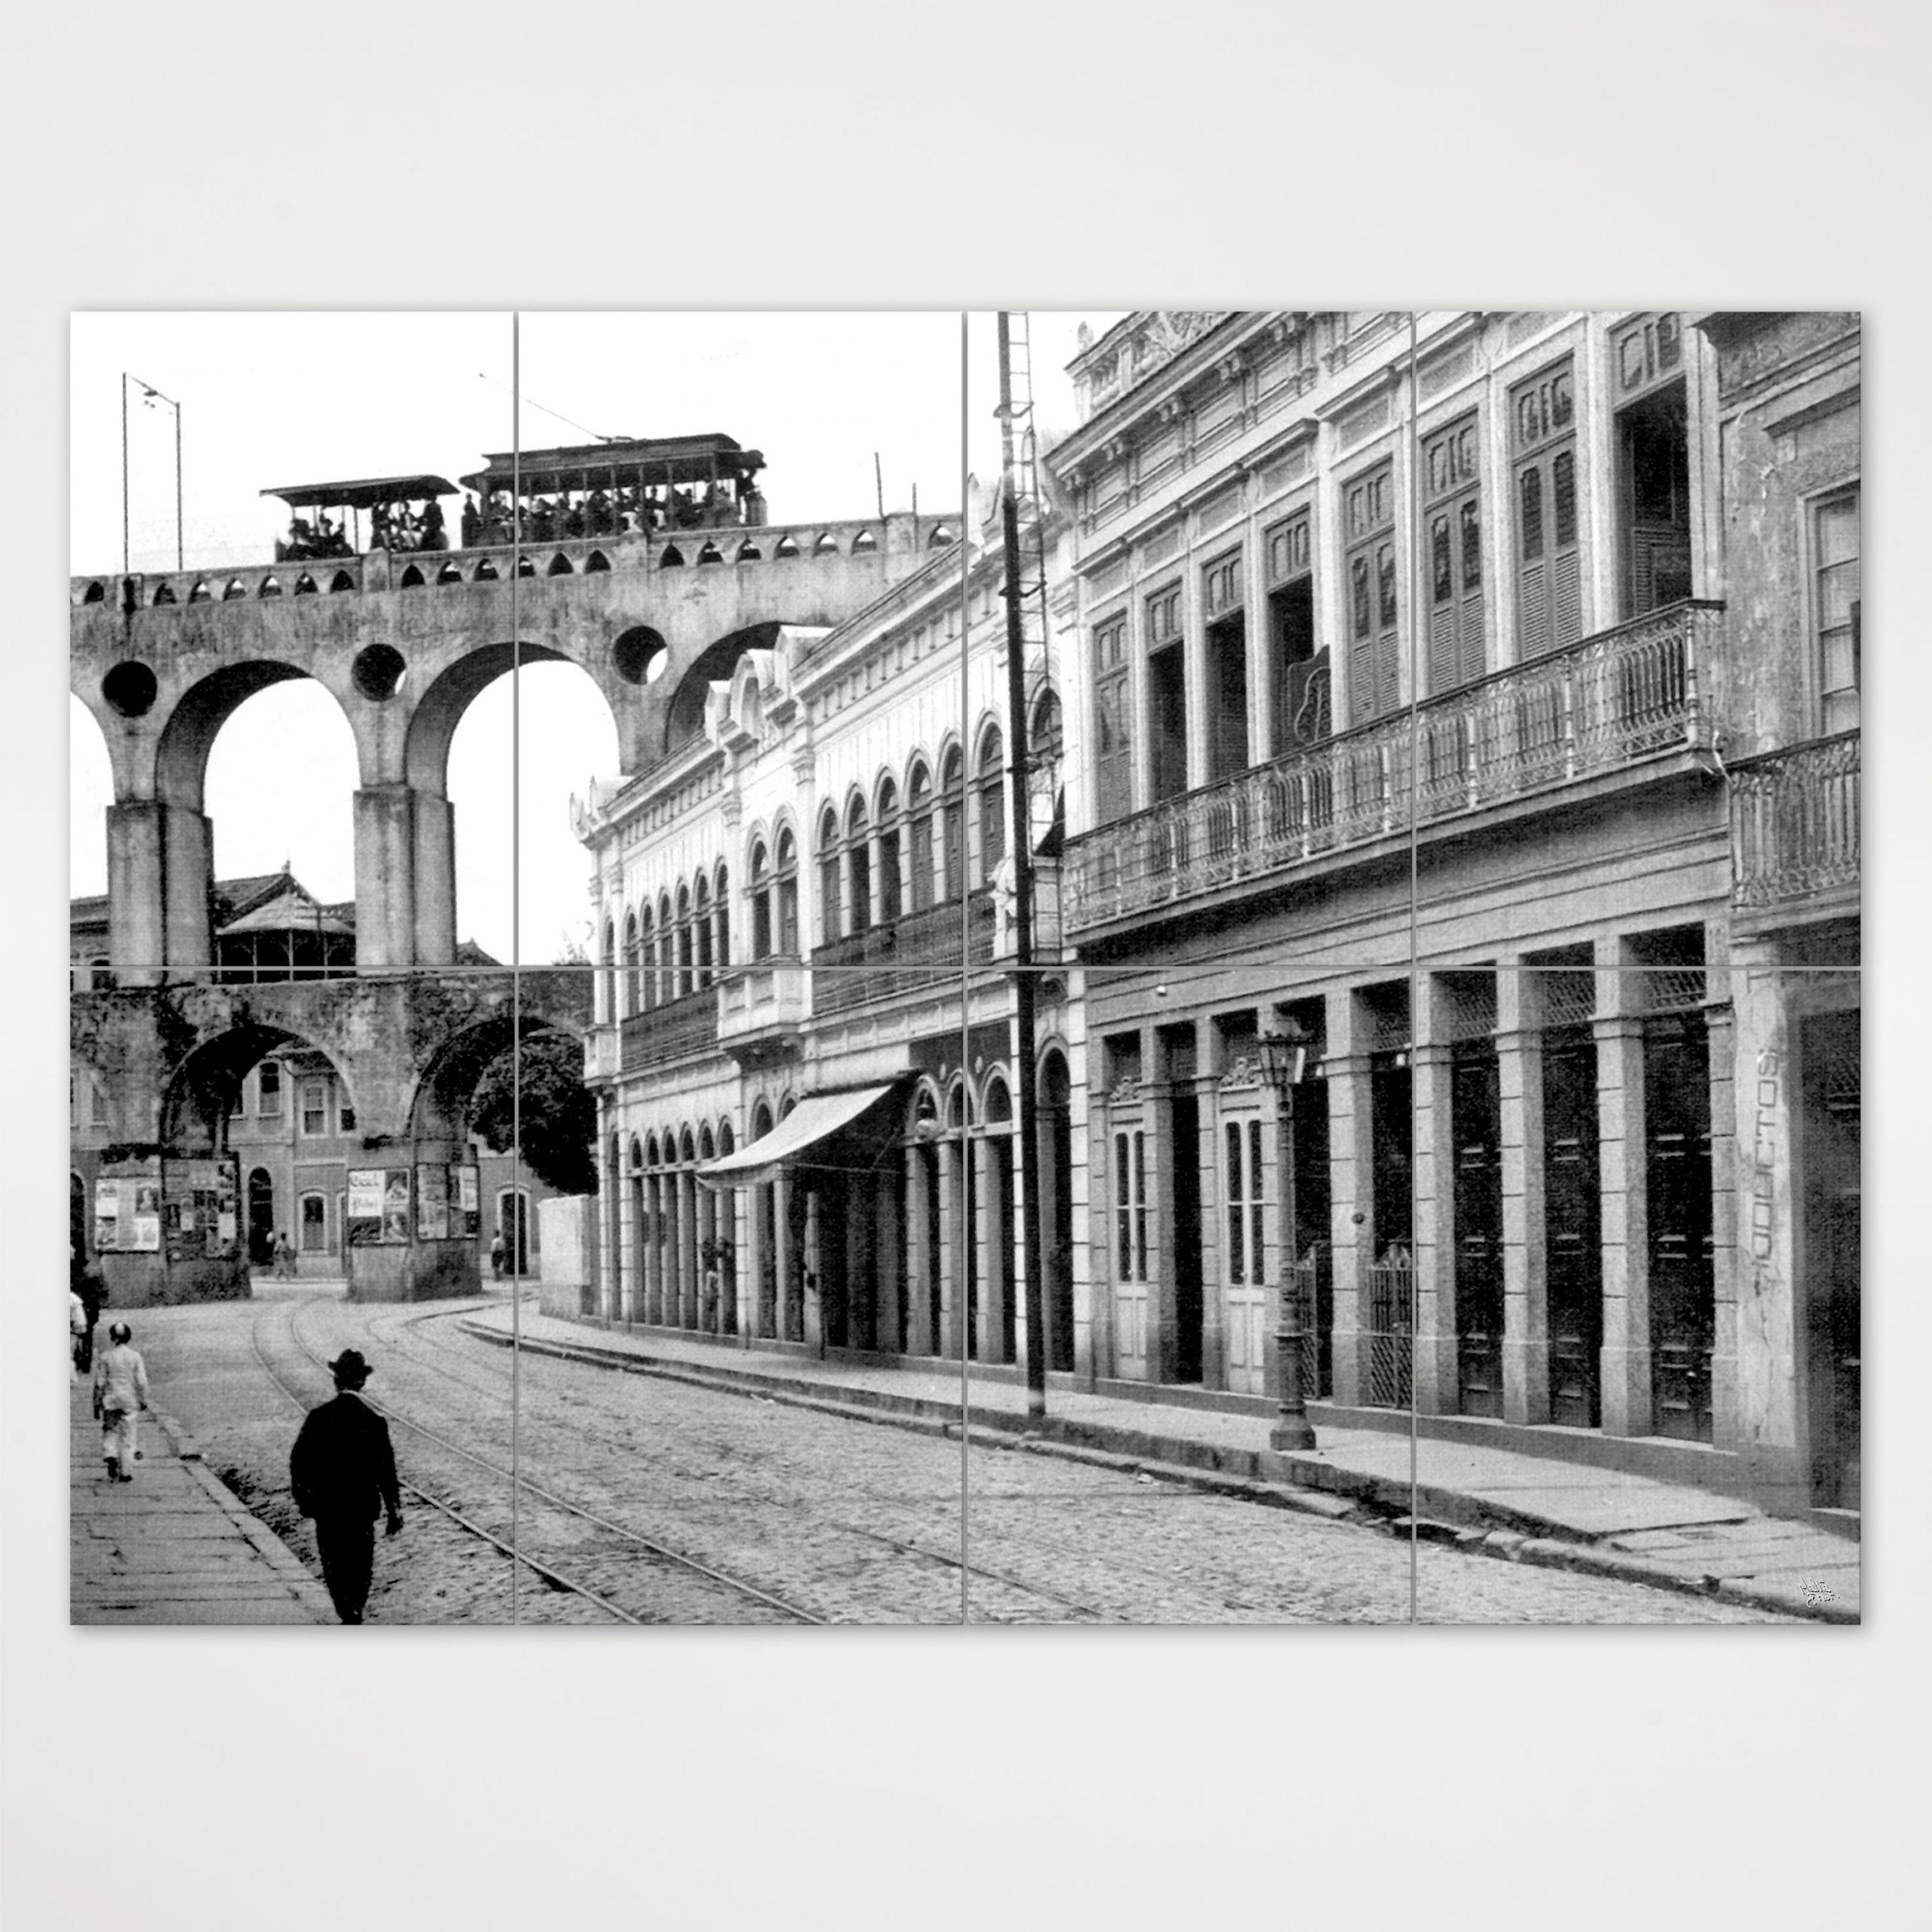 Painel Modular - Rua do Riachuelo com Arcos da Lapa - Ano 1912